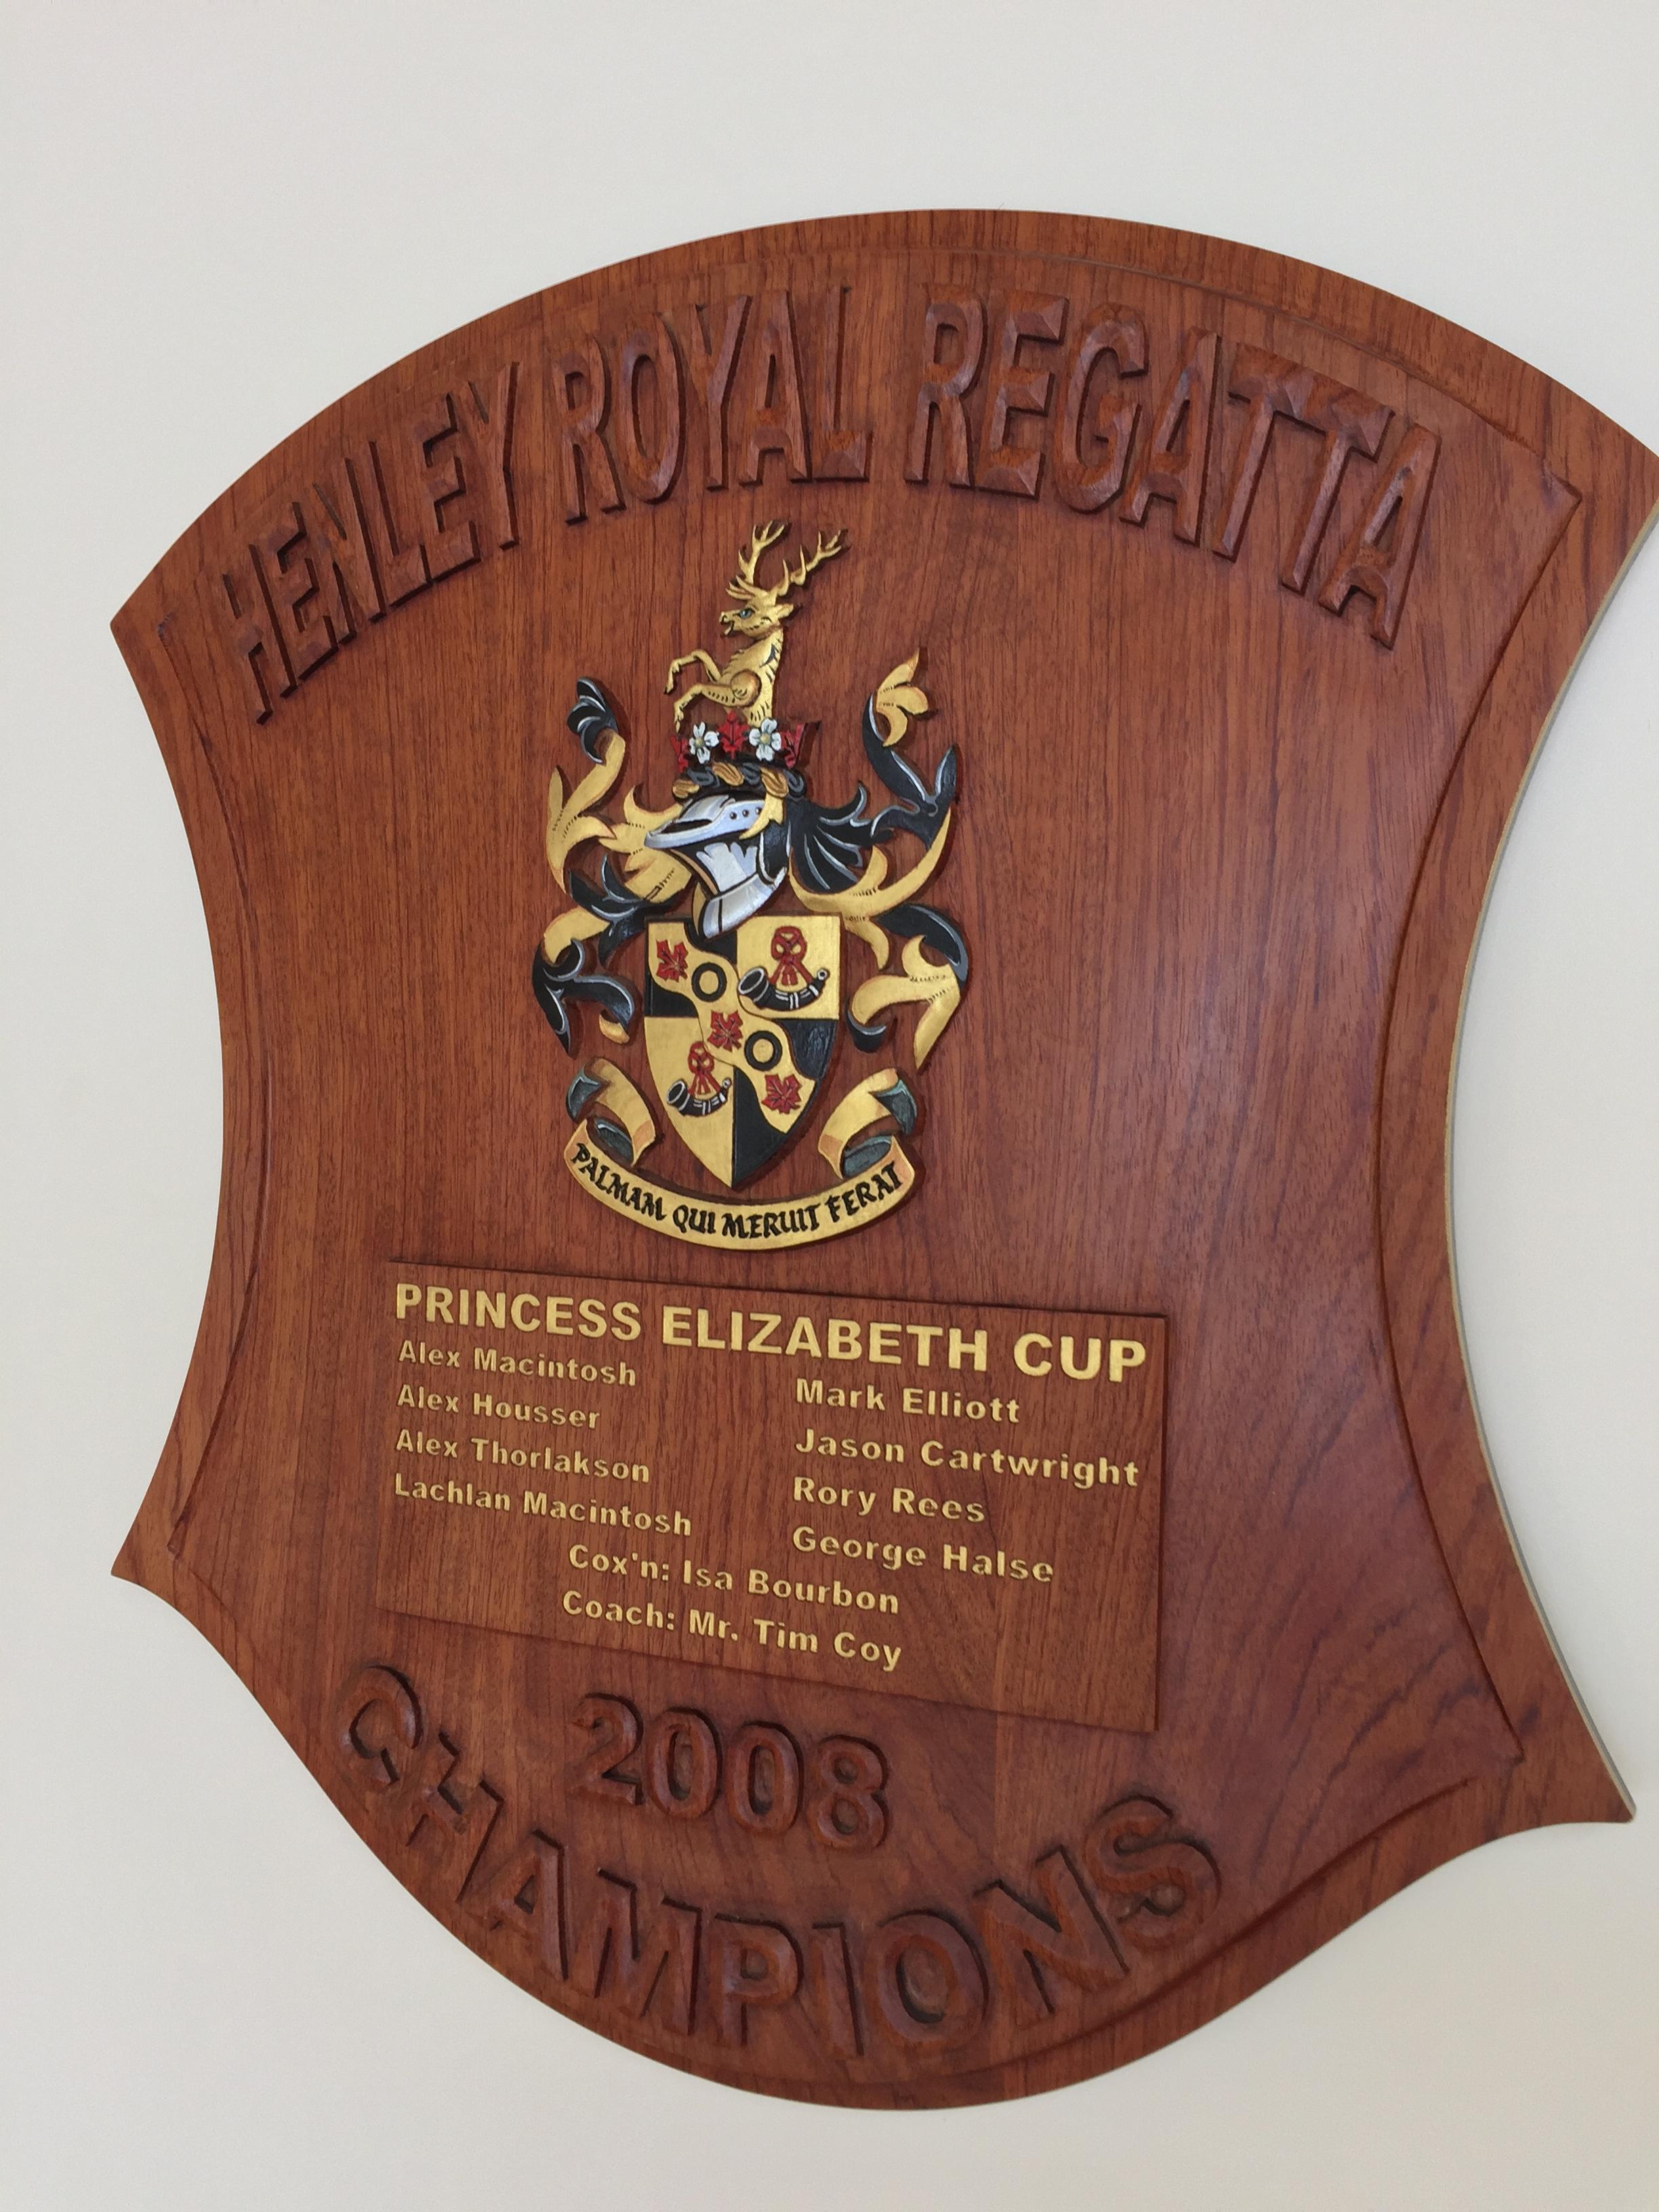 Princess Elizabeth Cup